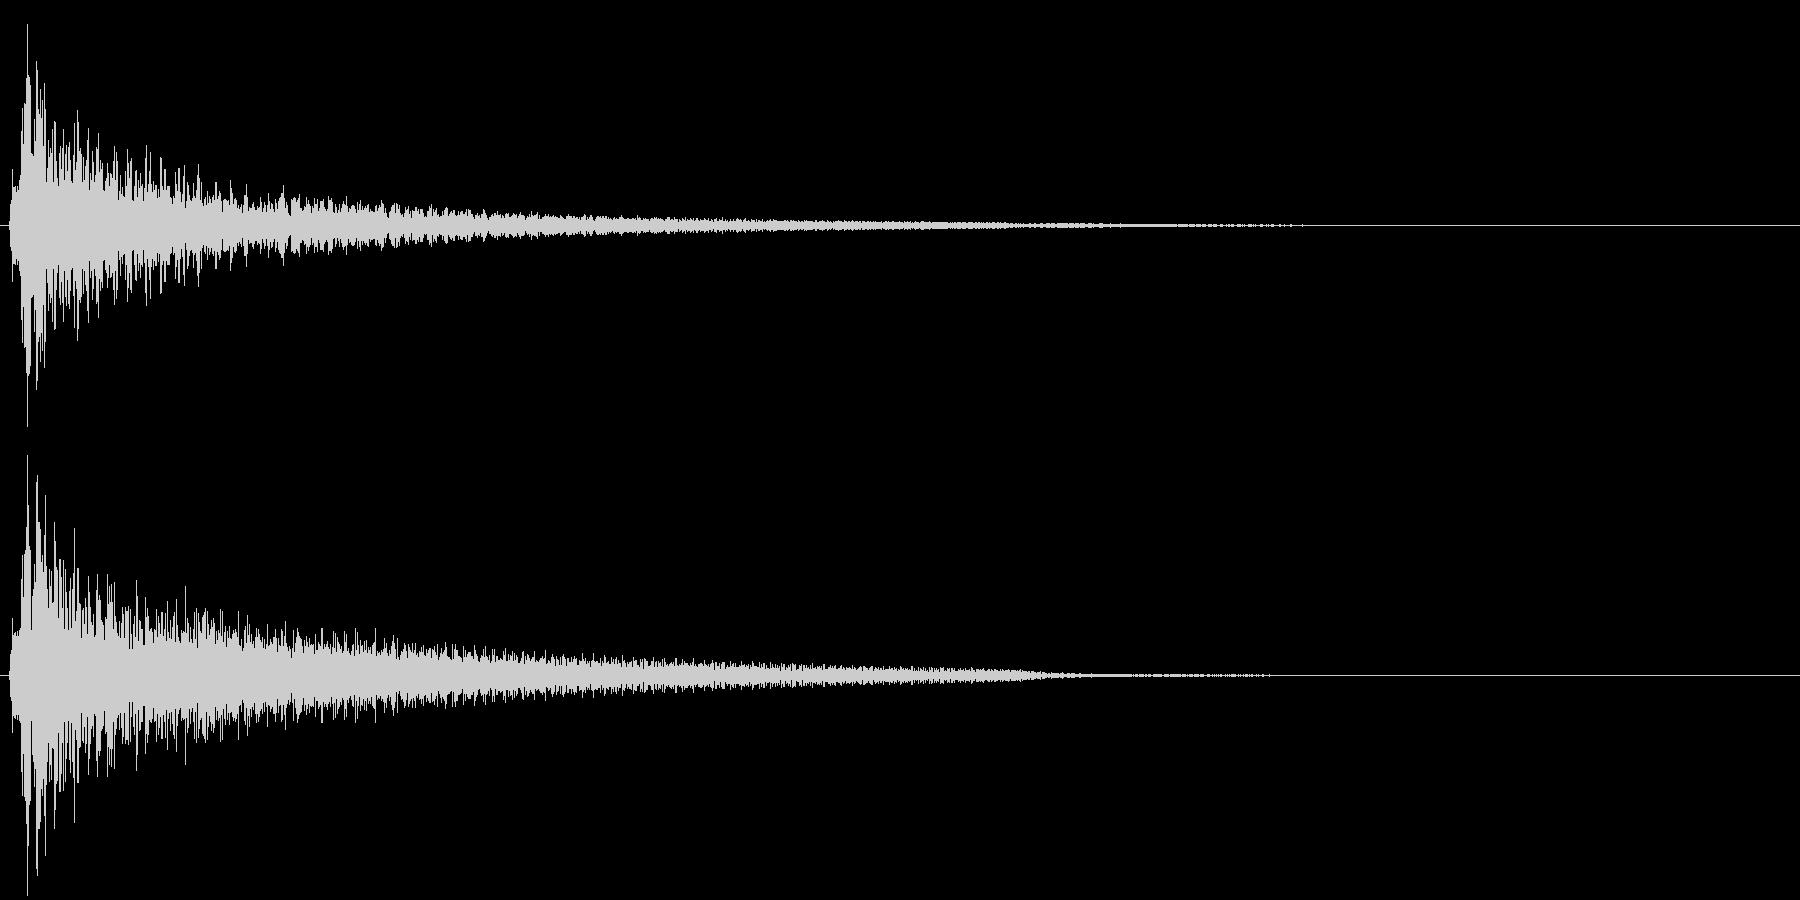 アコースティックギターによるクリック音の未再生の波形